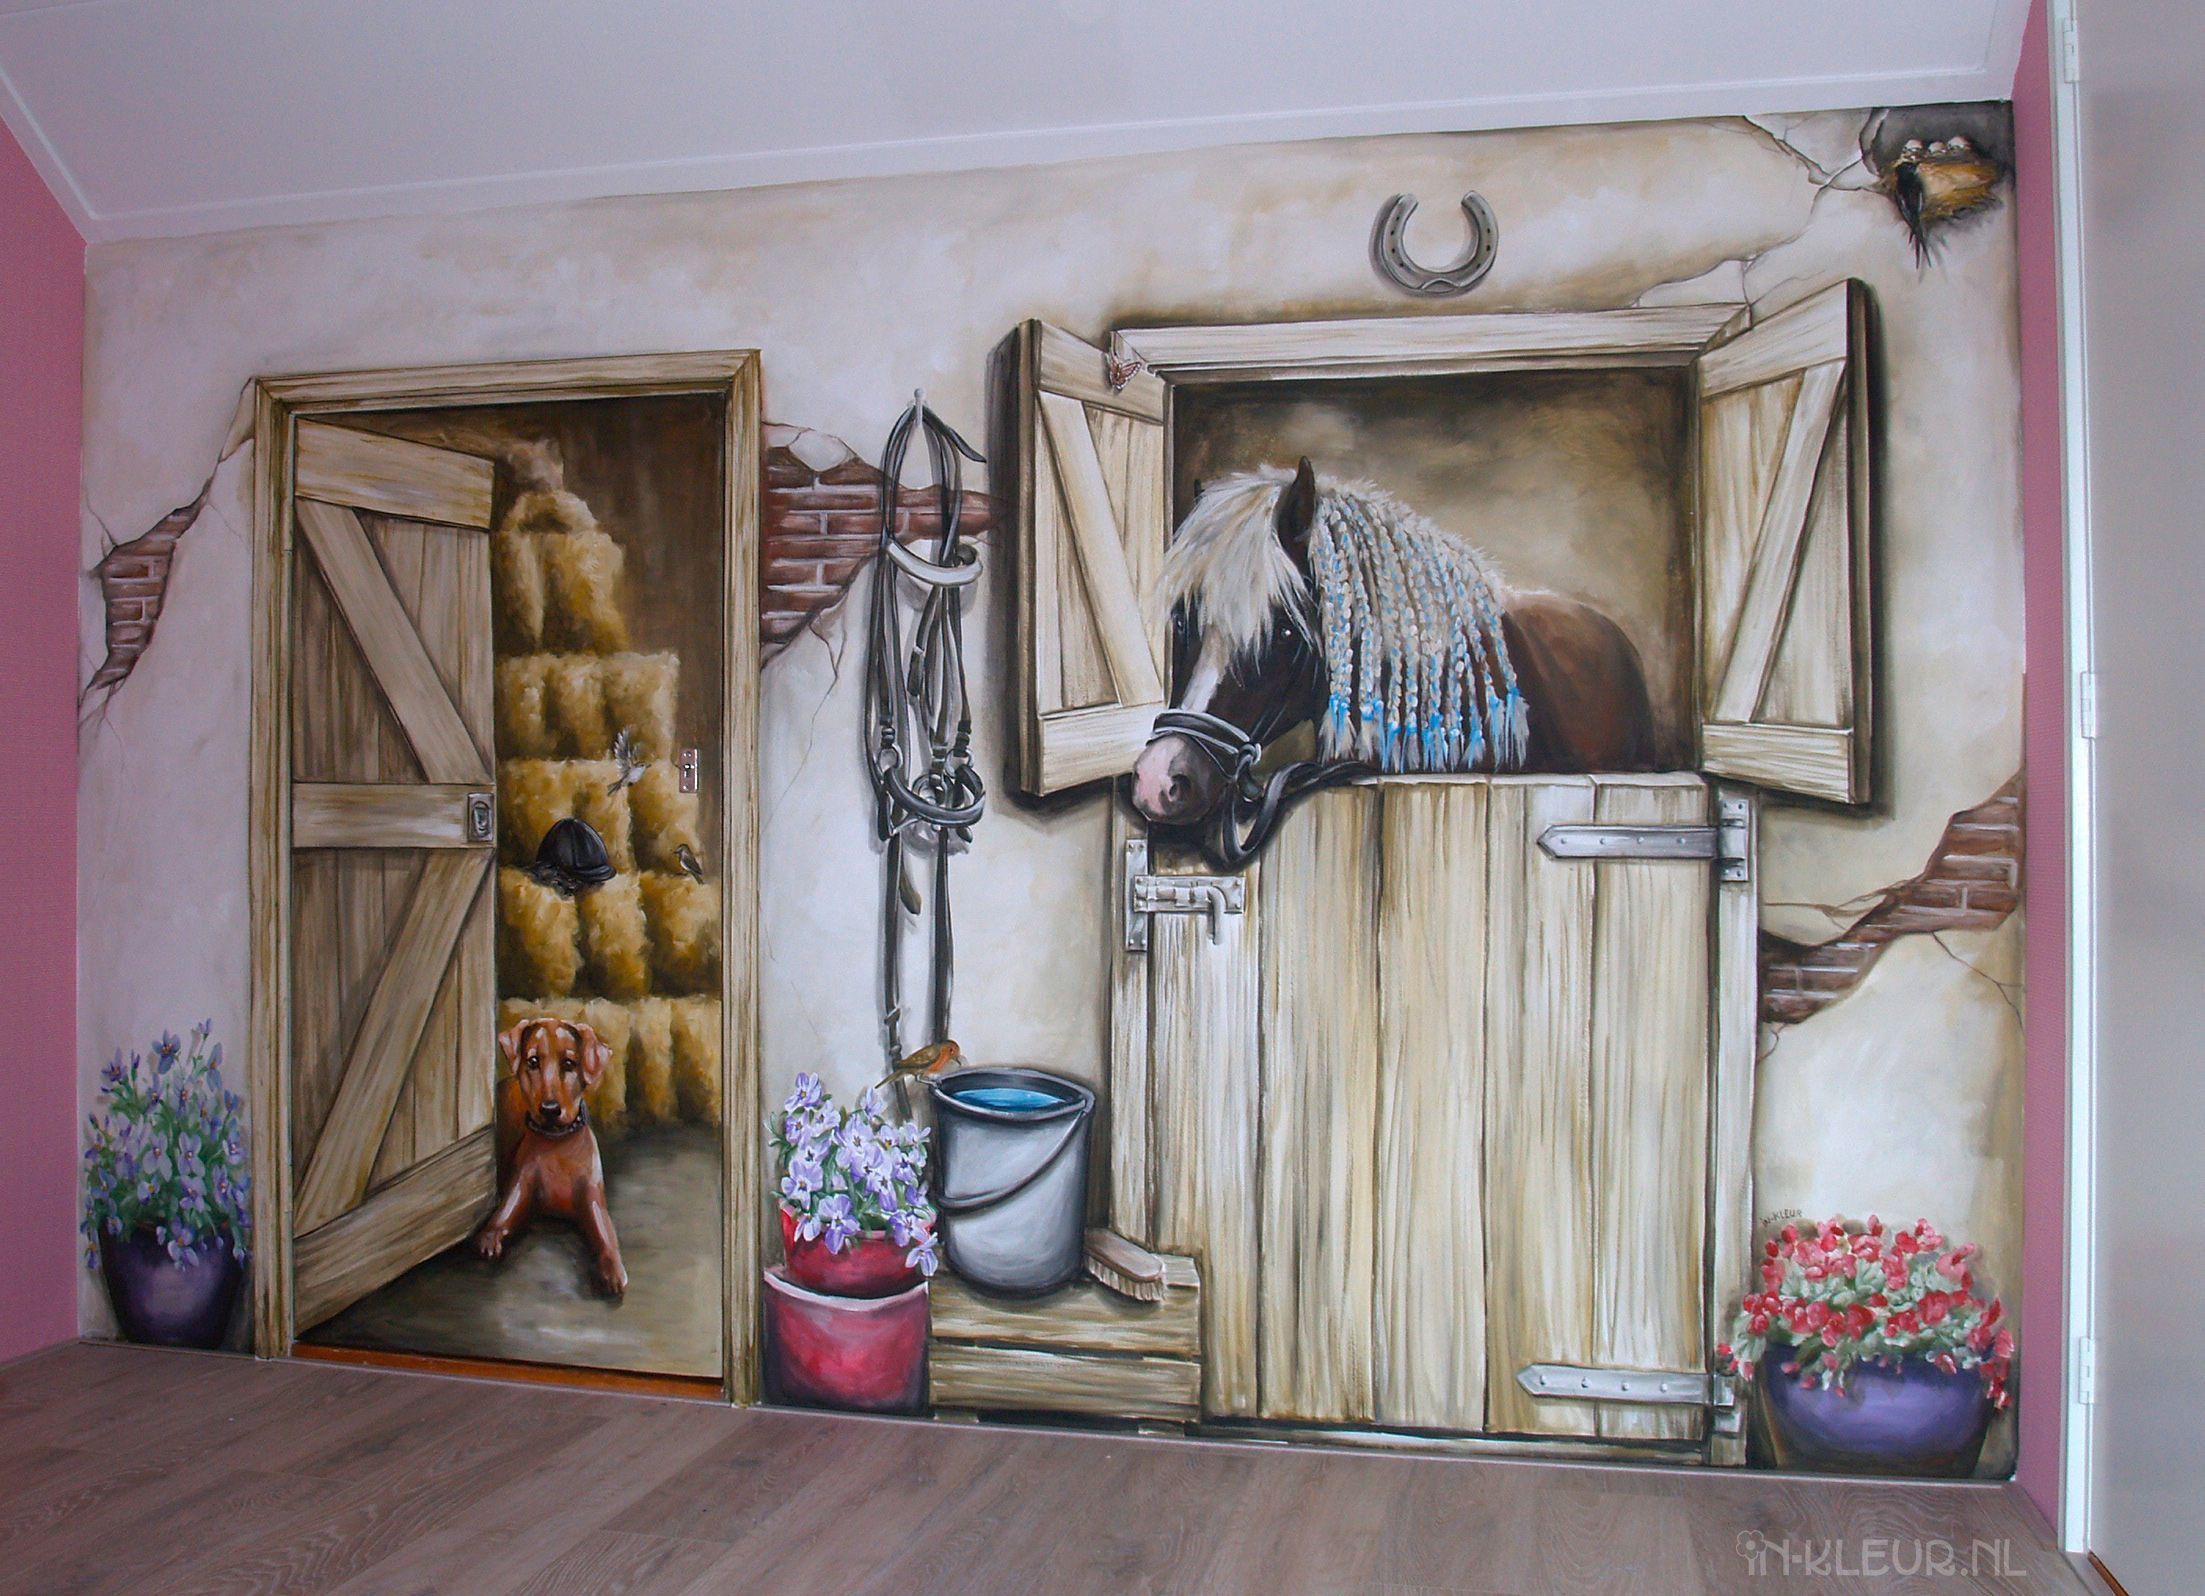 Paarden staldeur meisjeskamers in kleur y❤